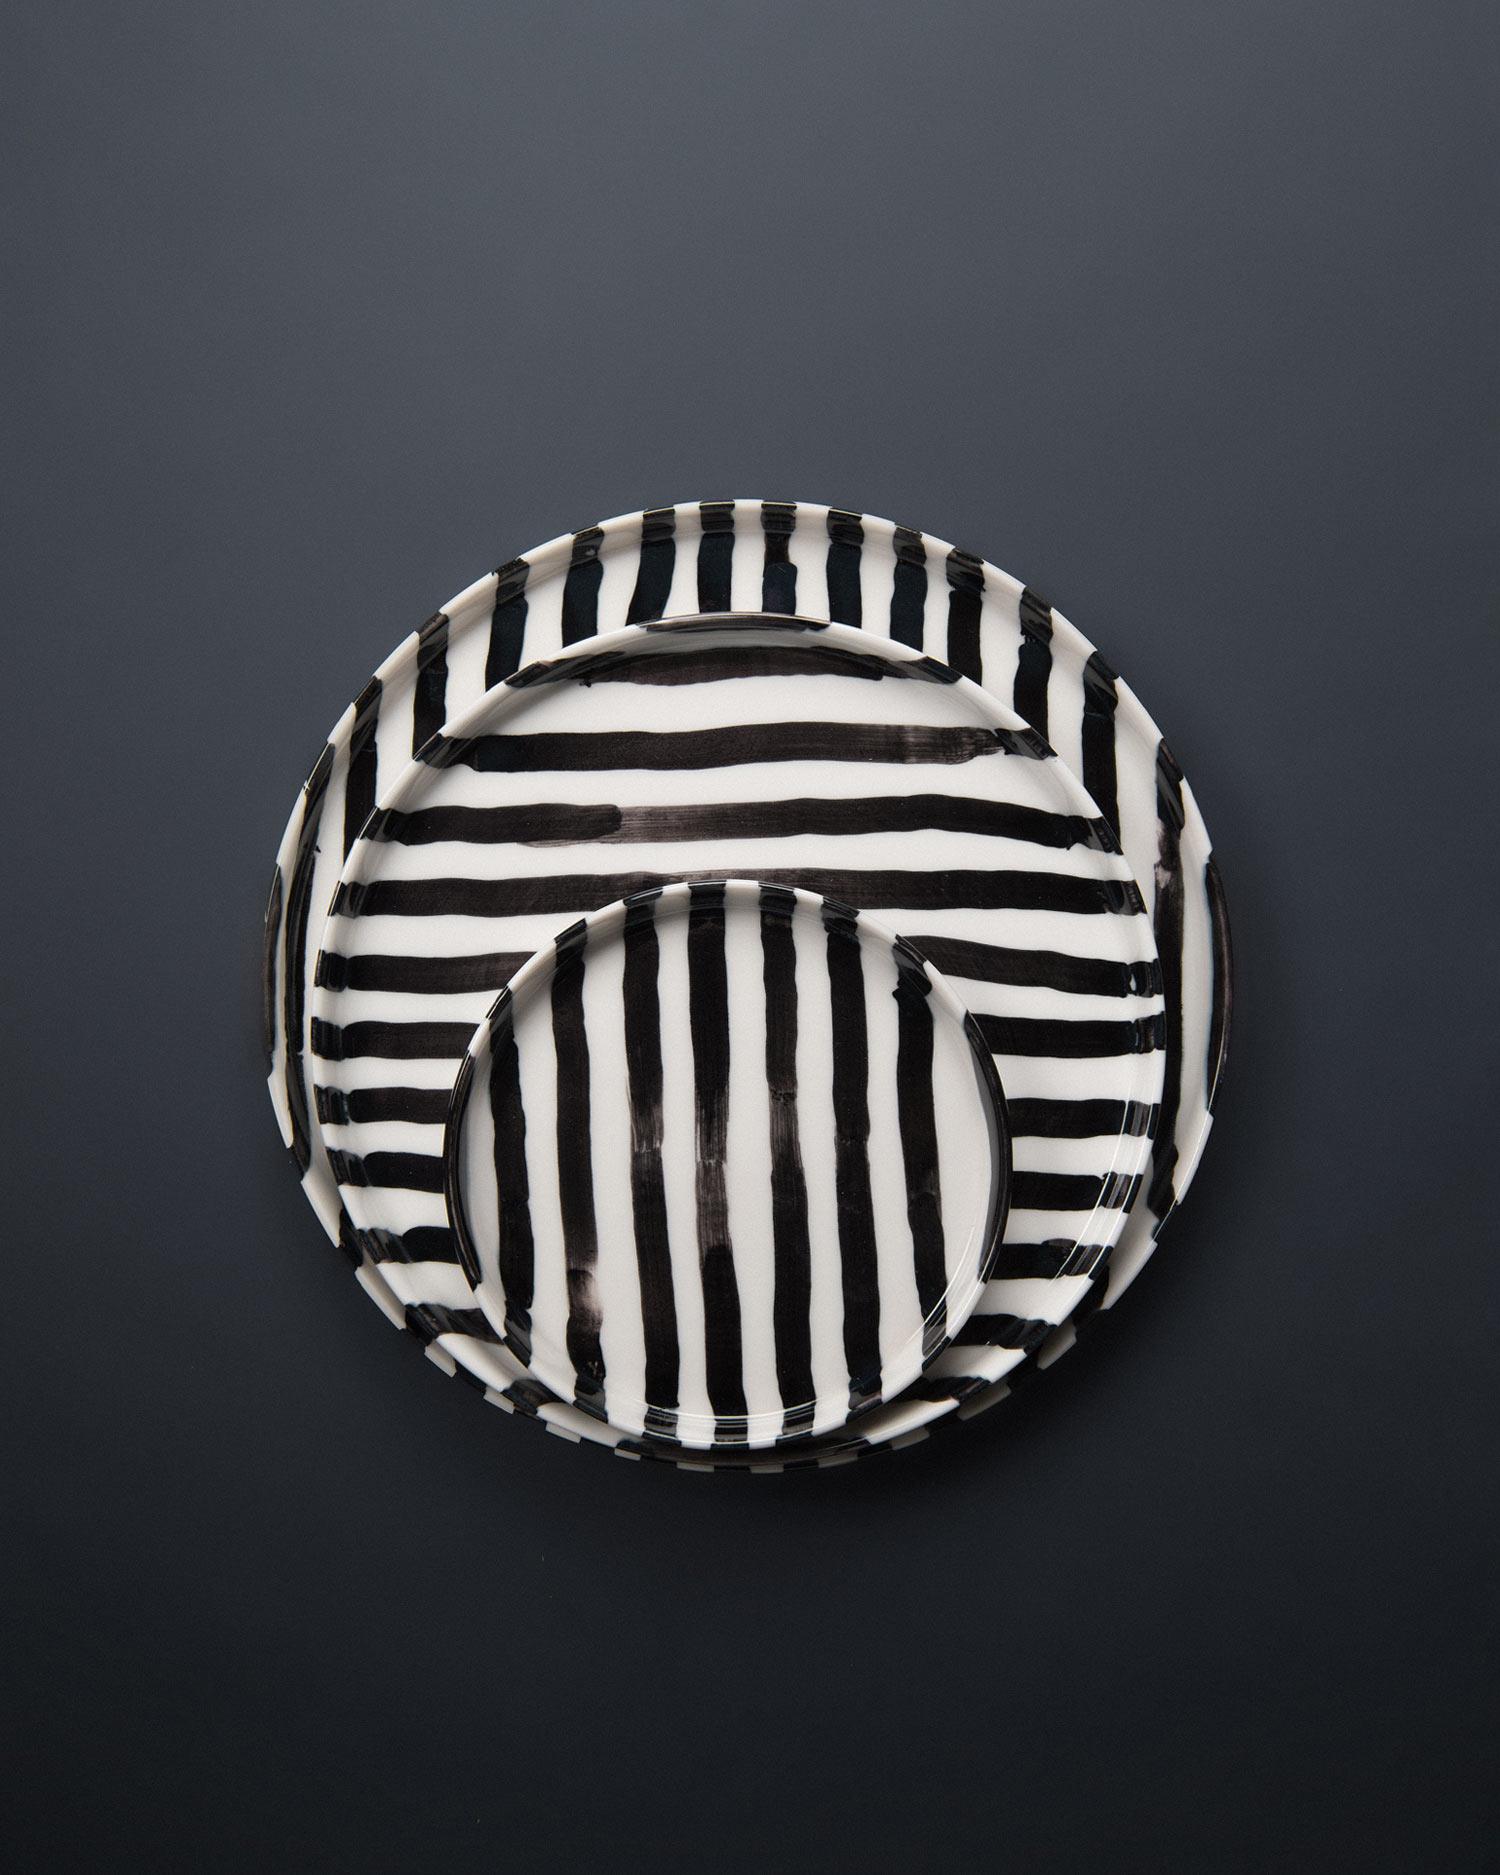 kalligrafi-plates-4.jpg